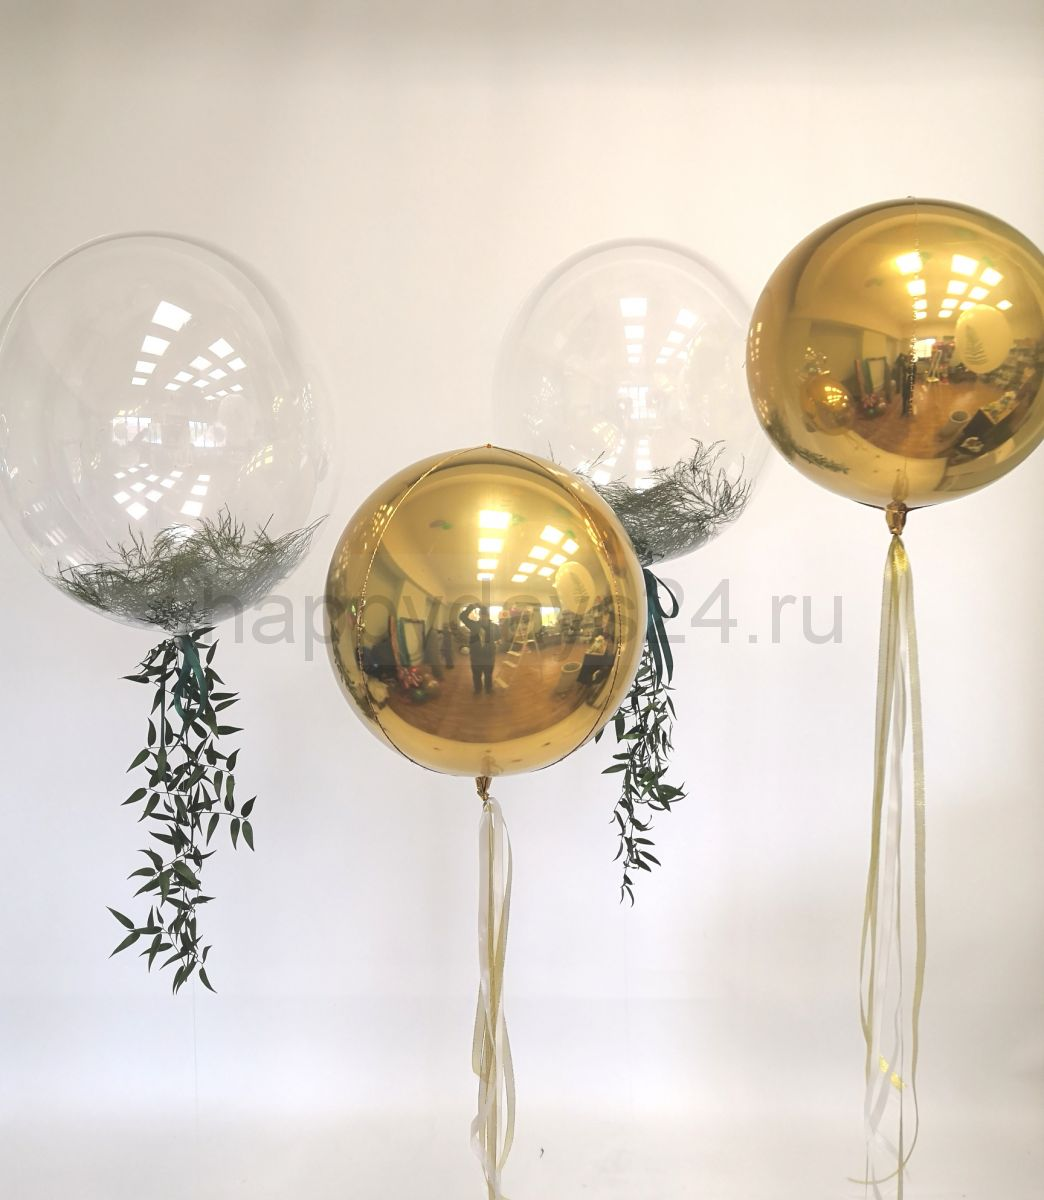 Набор со сферами и bubbles